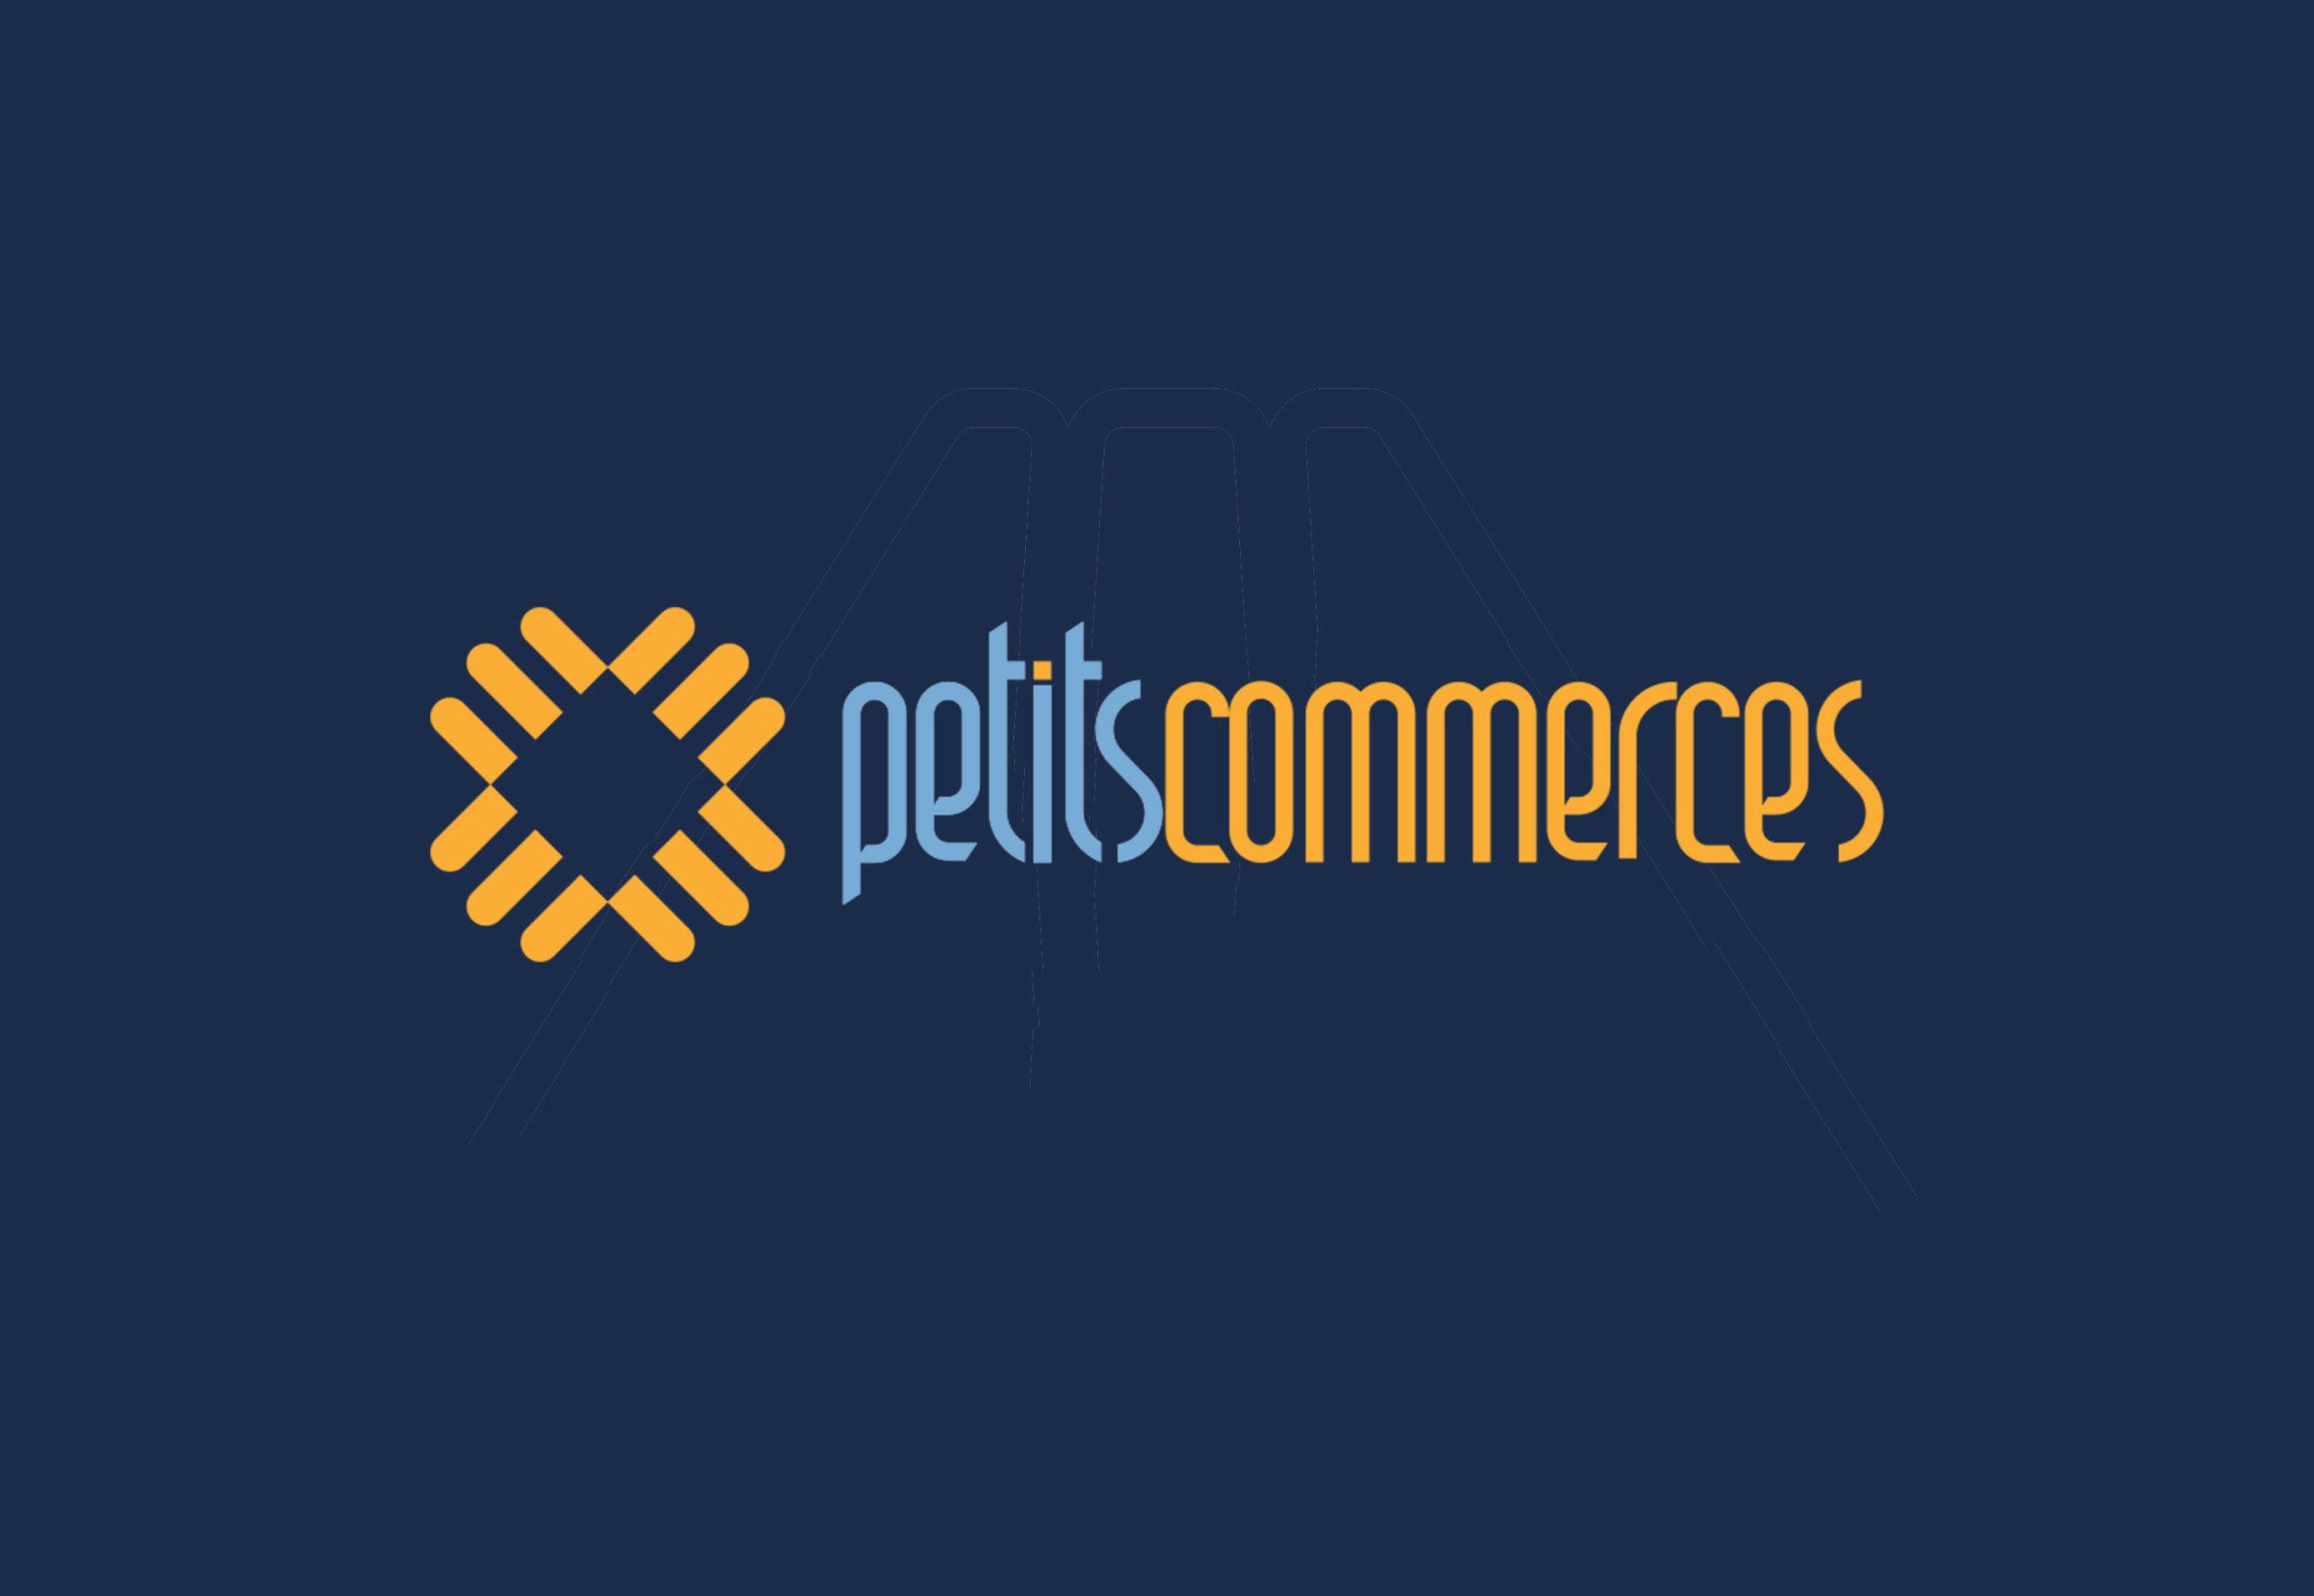 (Re)découvrez les commerces de proximité et devenez consomacteur !